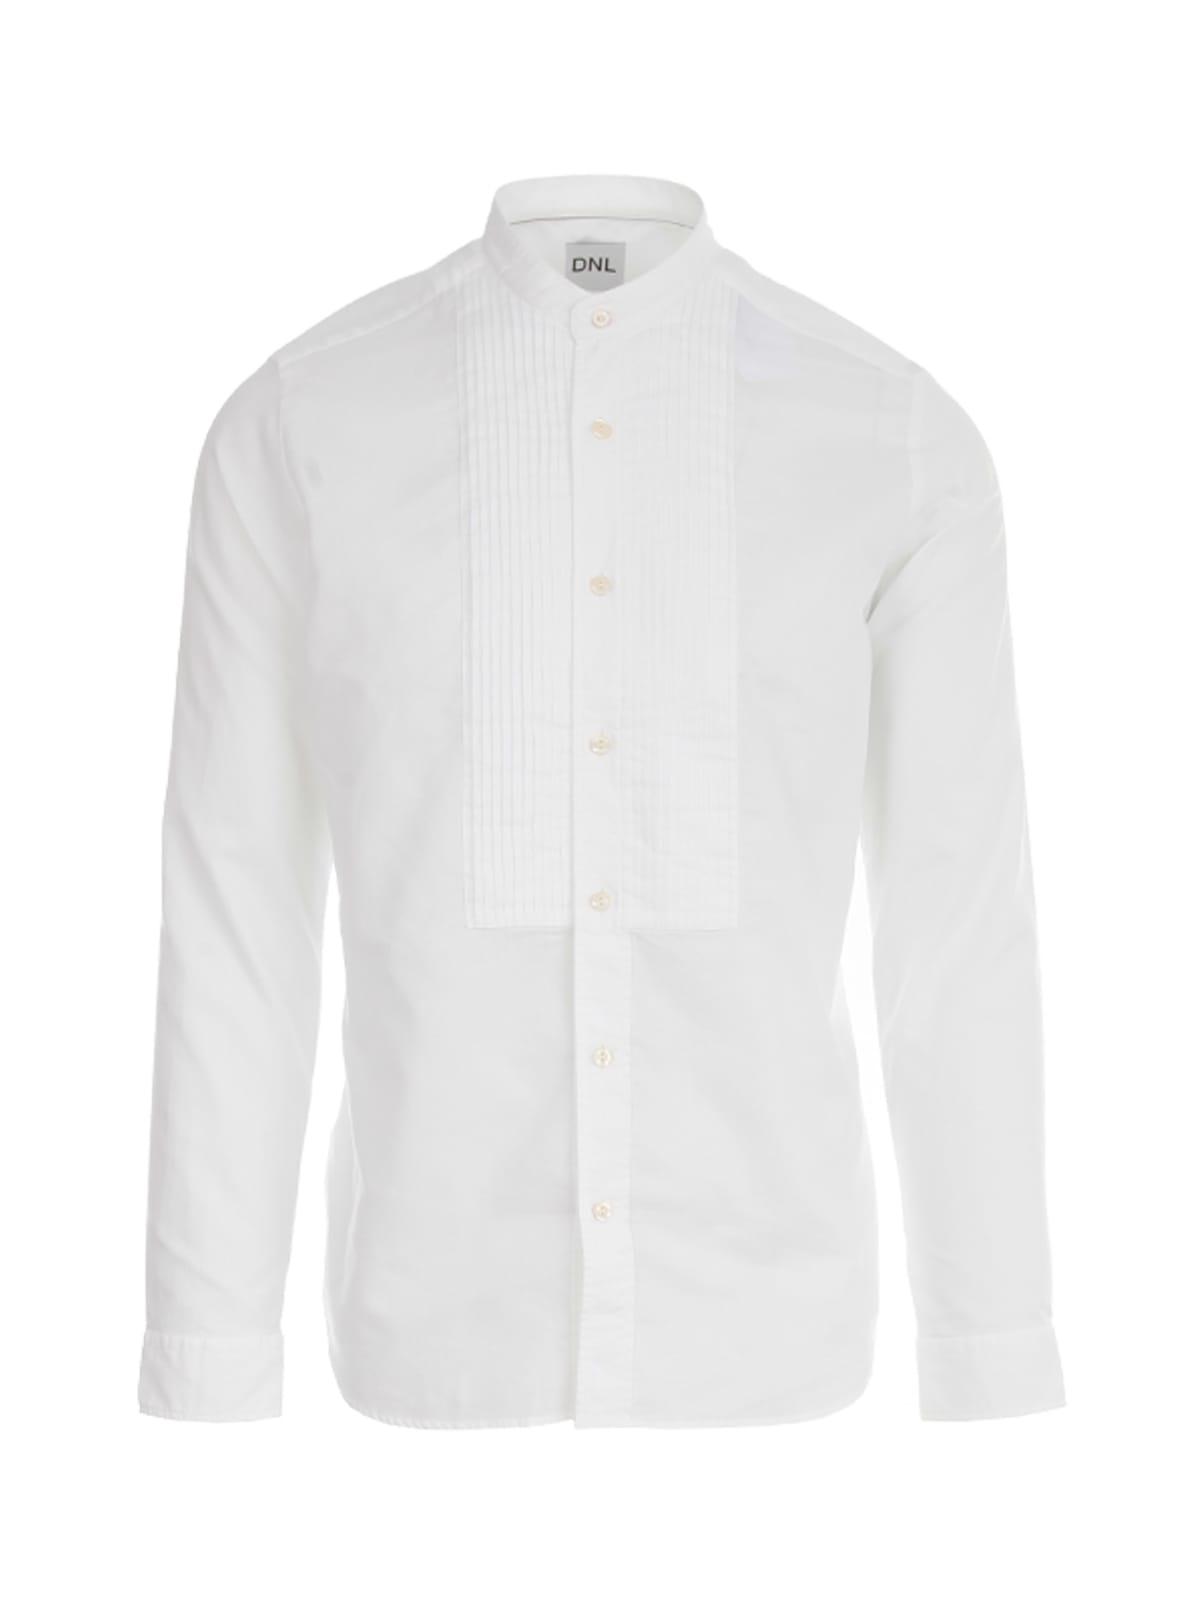 Korean Shirt W/plastron